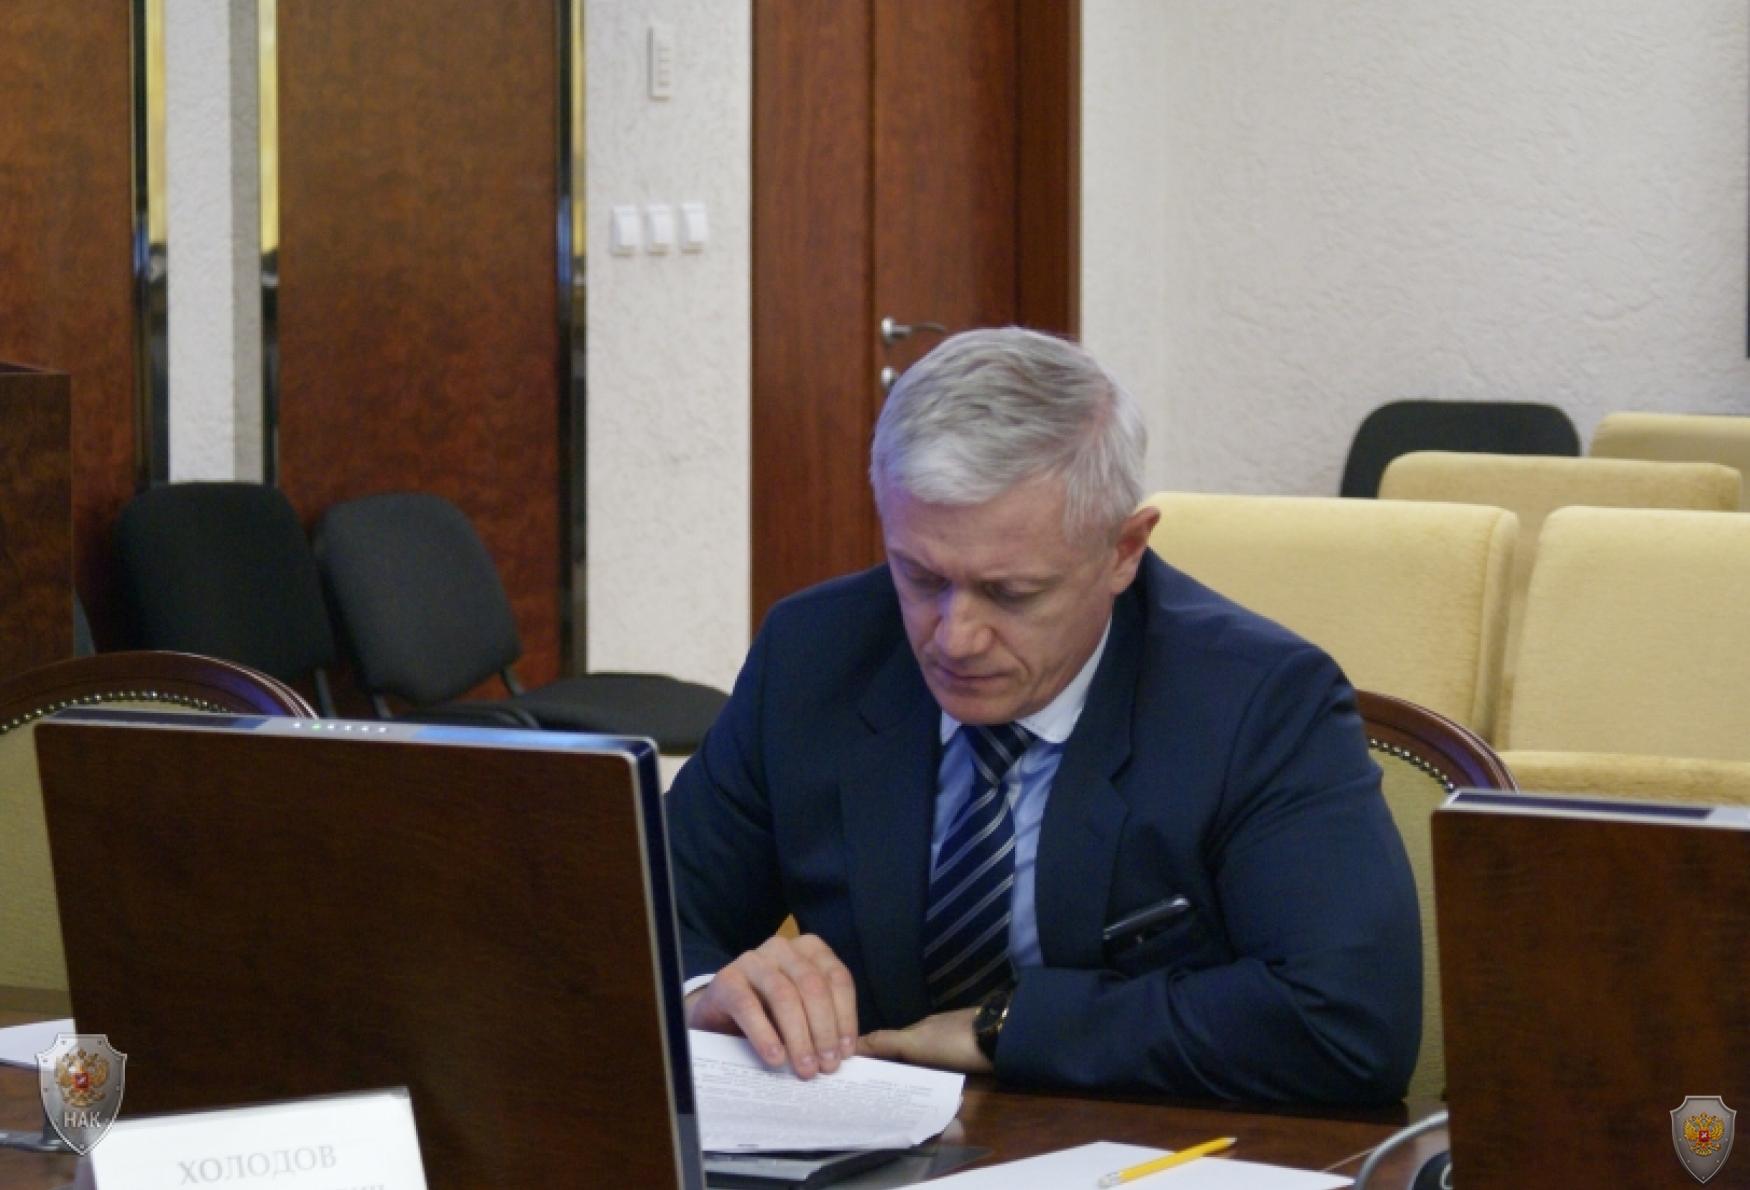 Заслушивание главы муниципального образования Заполярного района